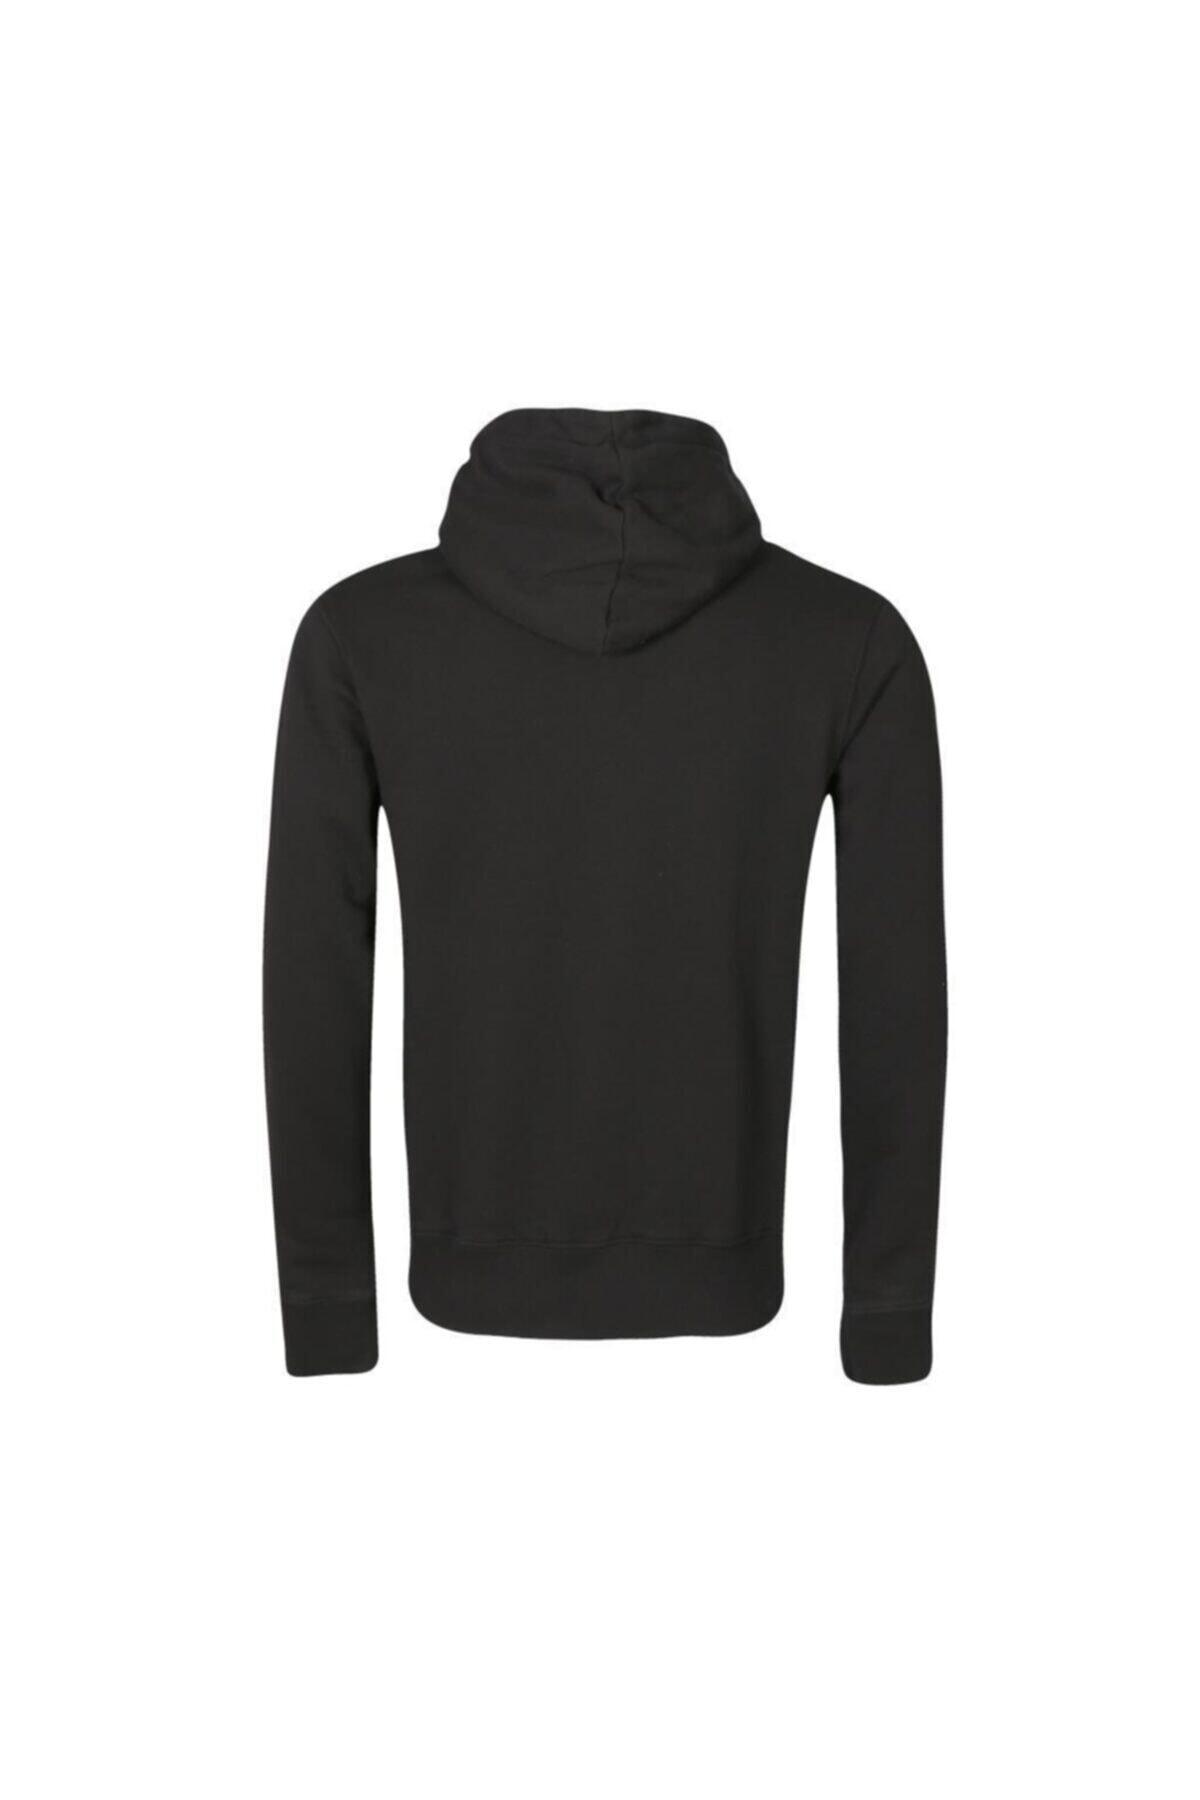 Superfly Sweatshirt Erkek Siyah Sweatshirt 21185-02 2